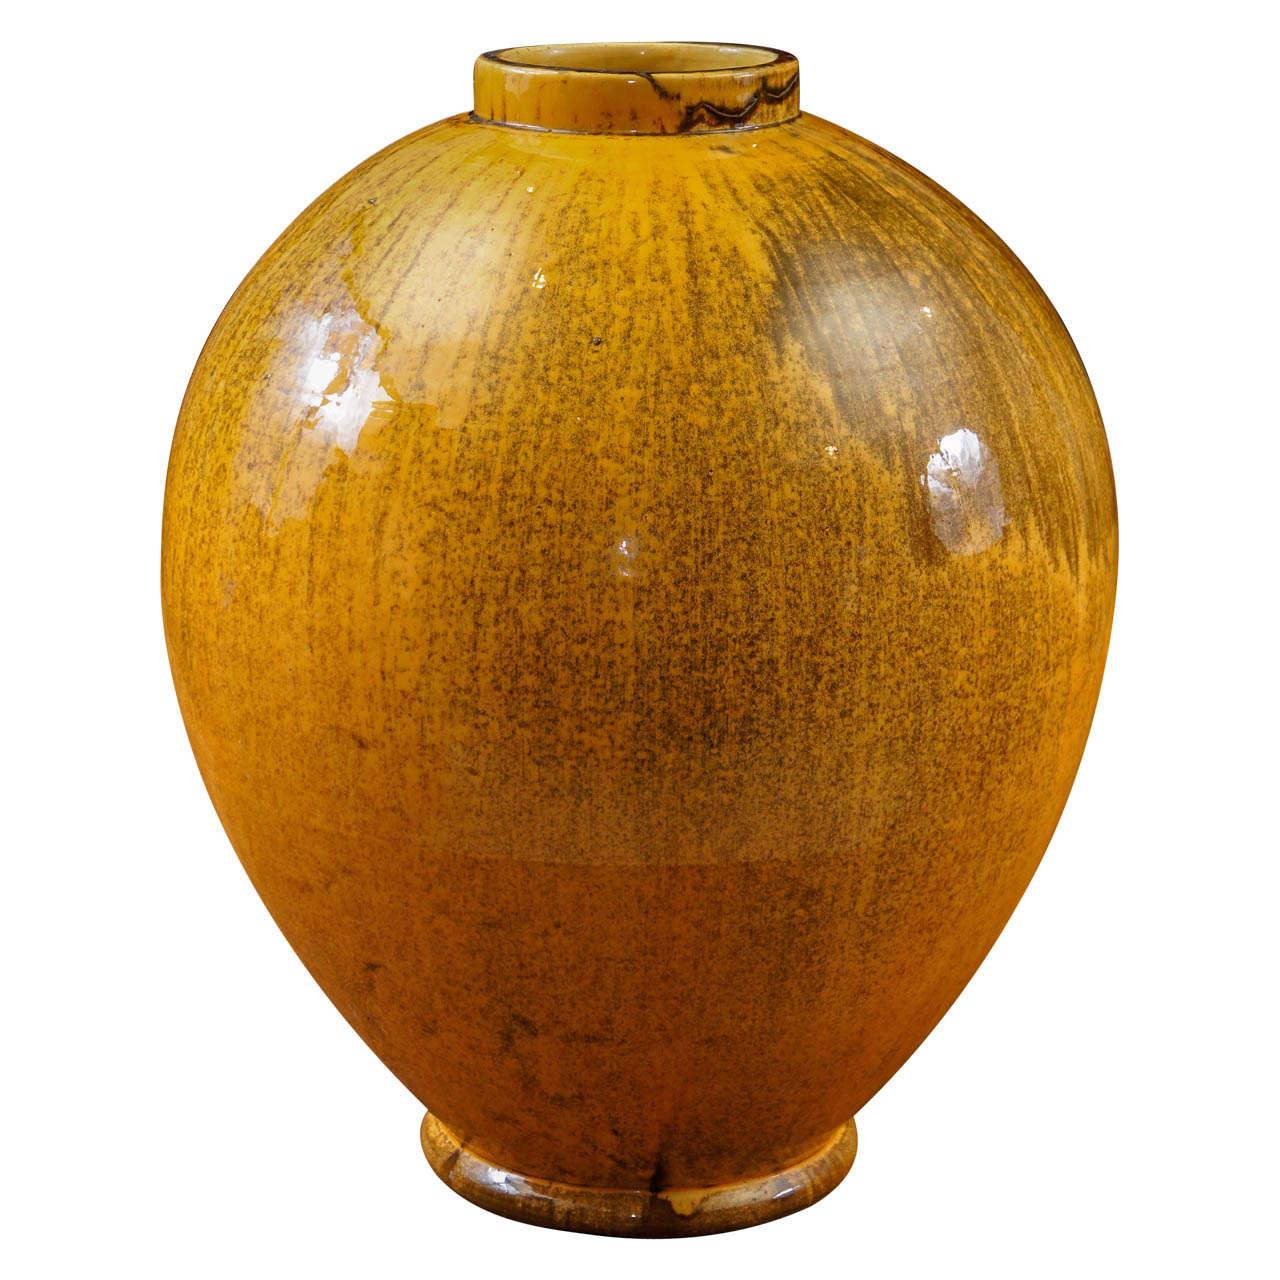 Large-Scale Kahler Vase by Svend Hammershøi